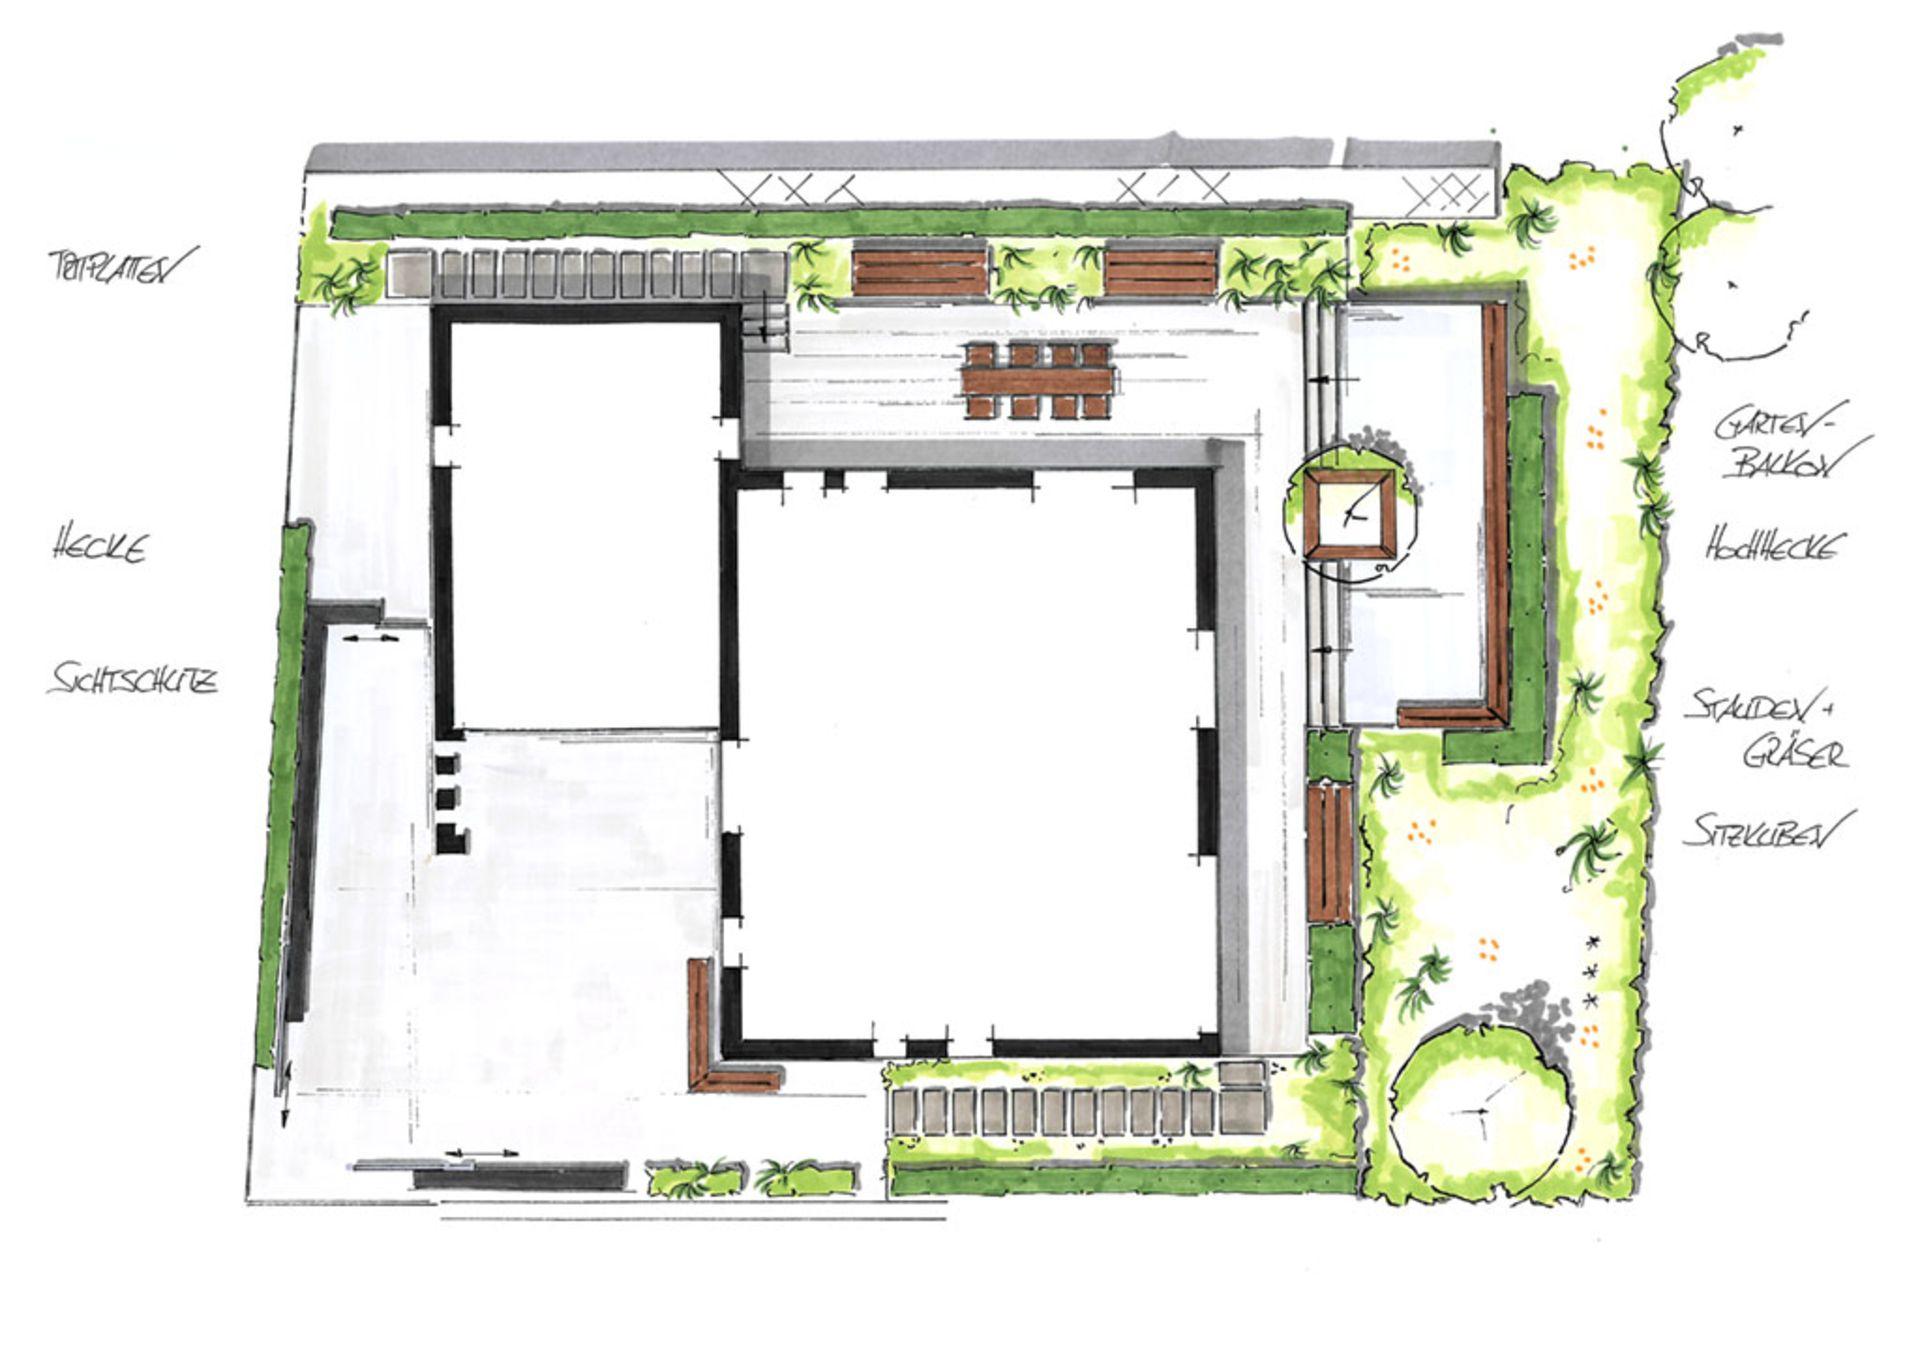 Gartenplanung mit Konzept